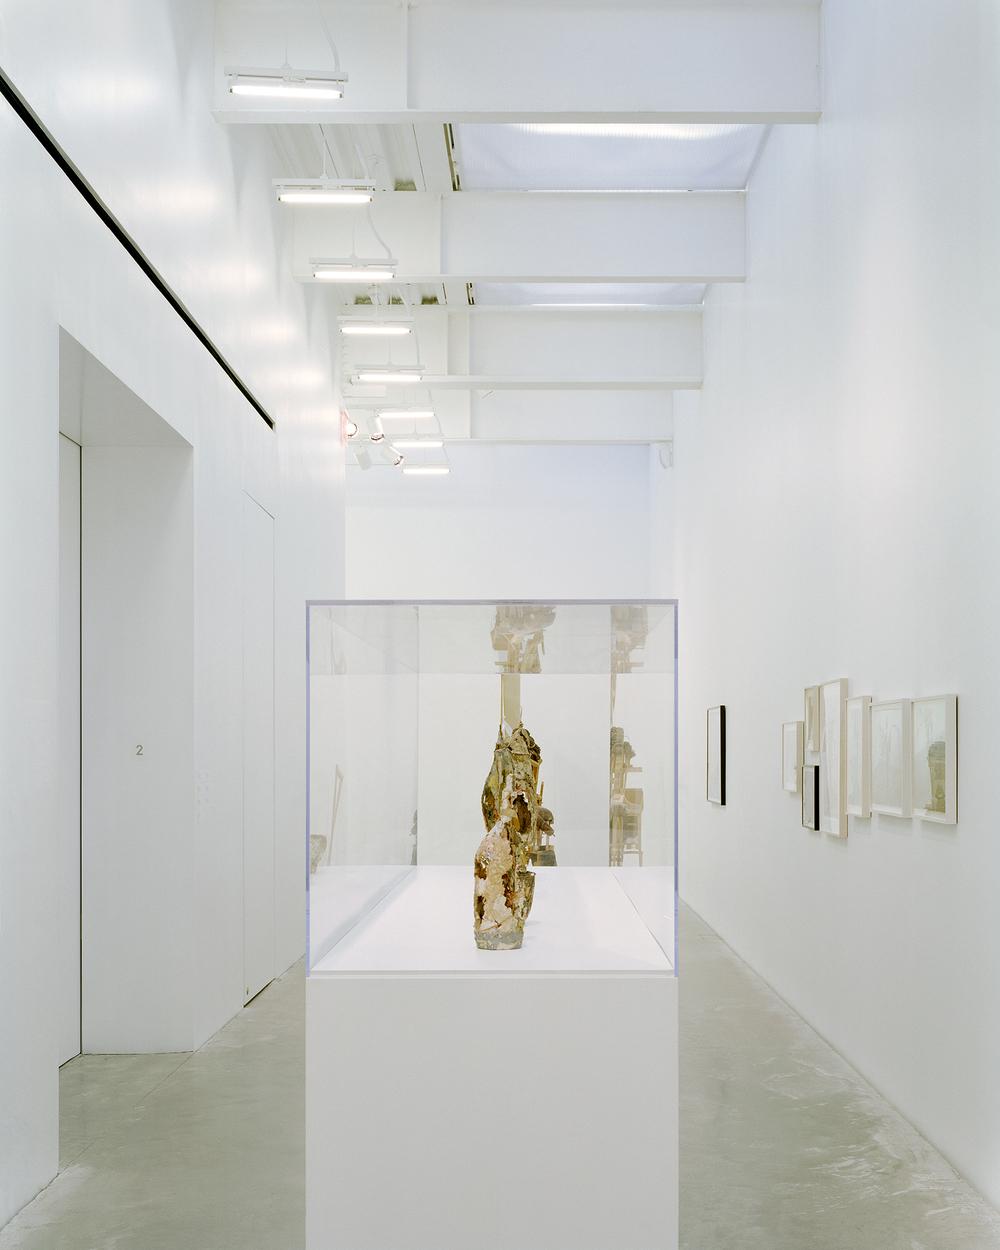 010-NEWMUSEUM.jpg